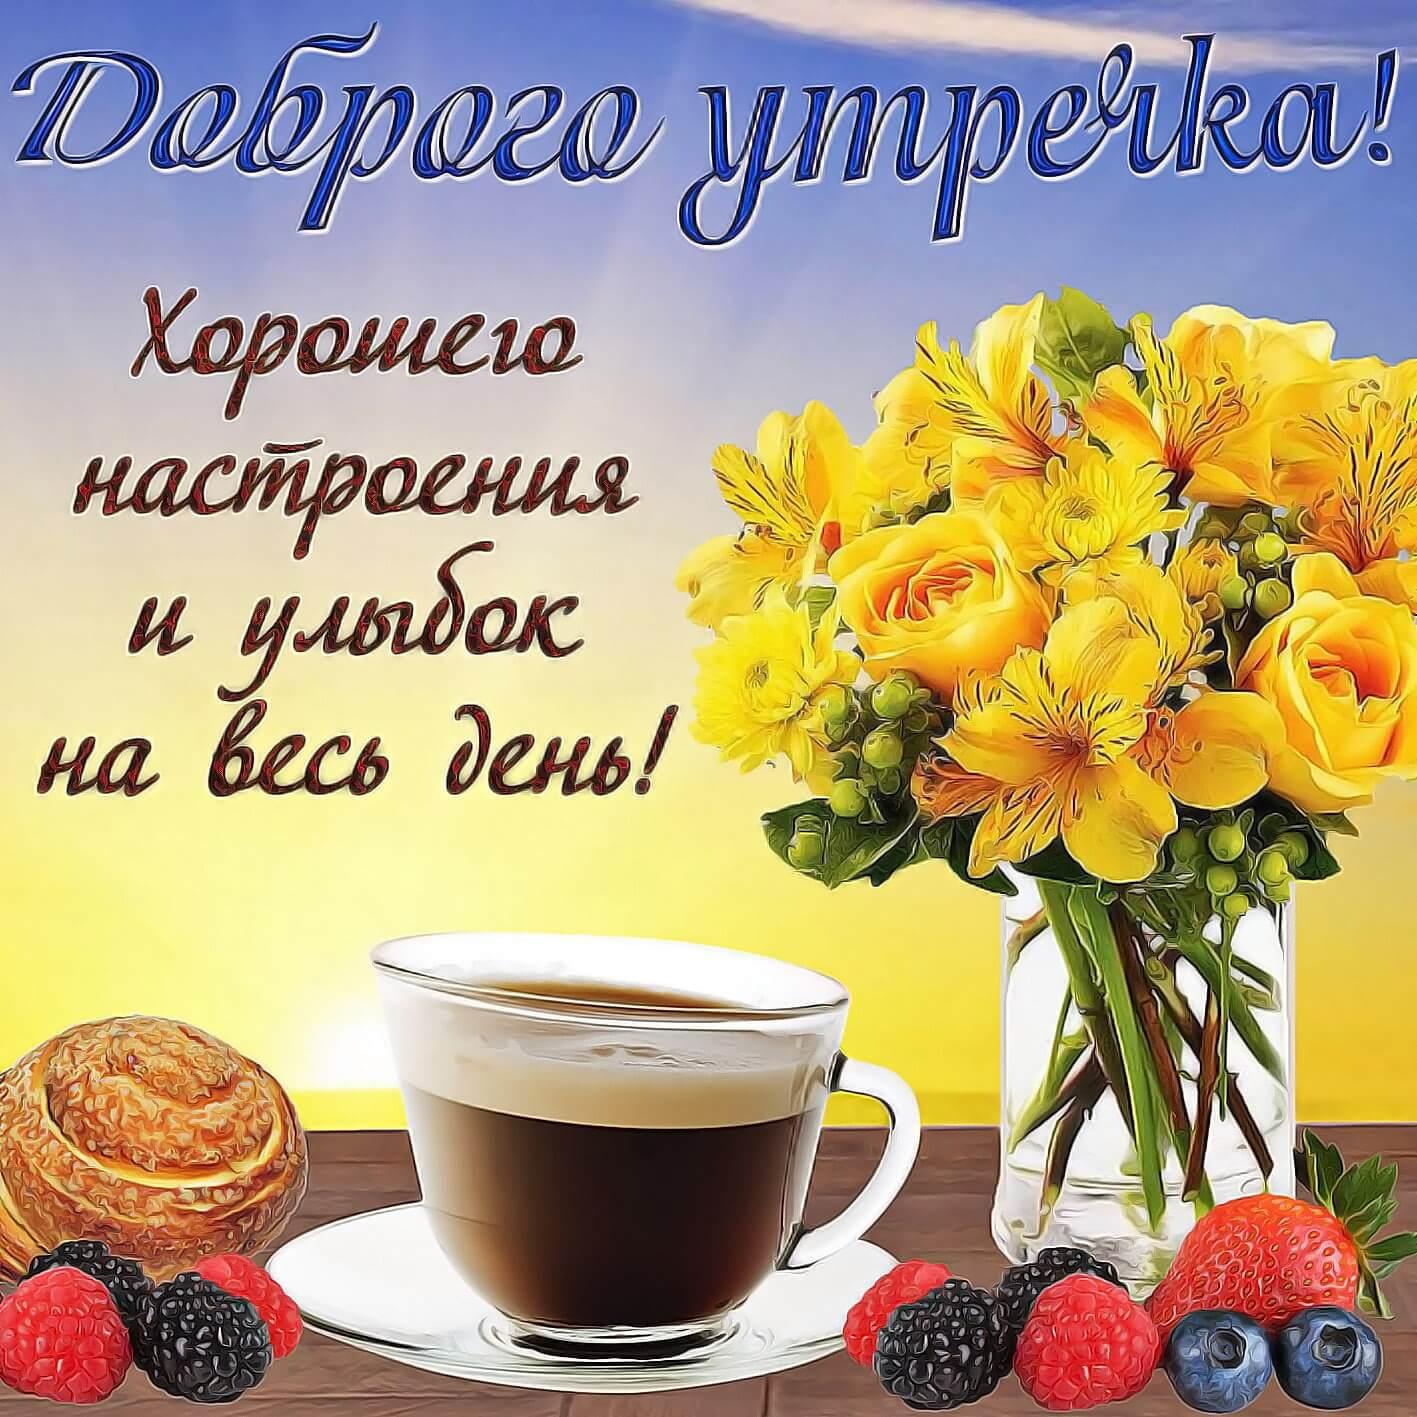 Скачать открытку с добрым утром и хорошего настроения 01